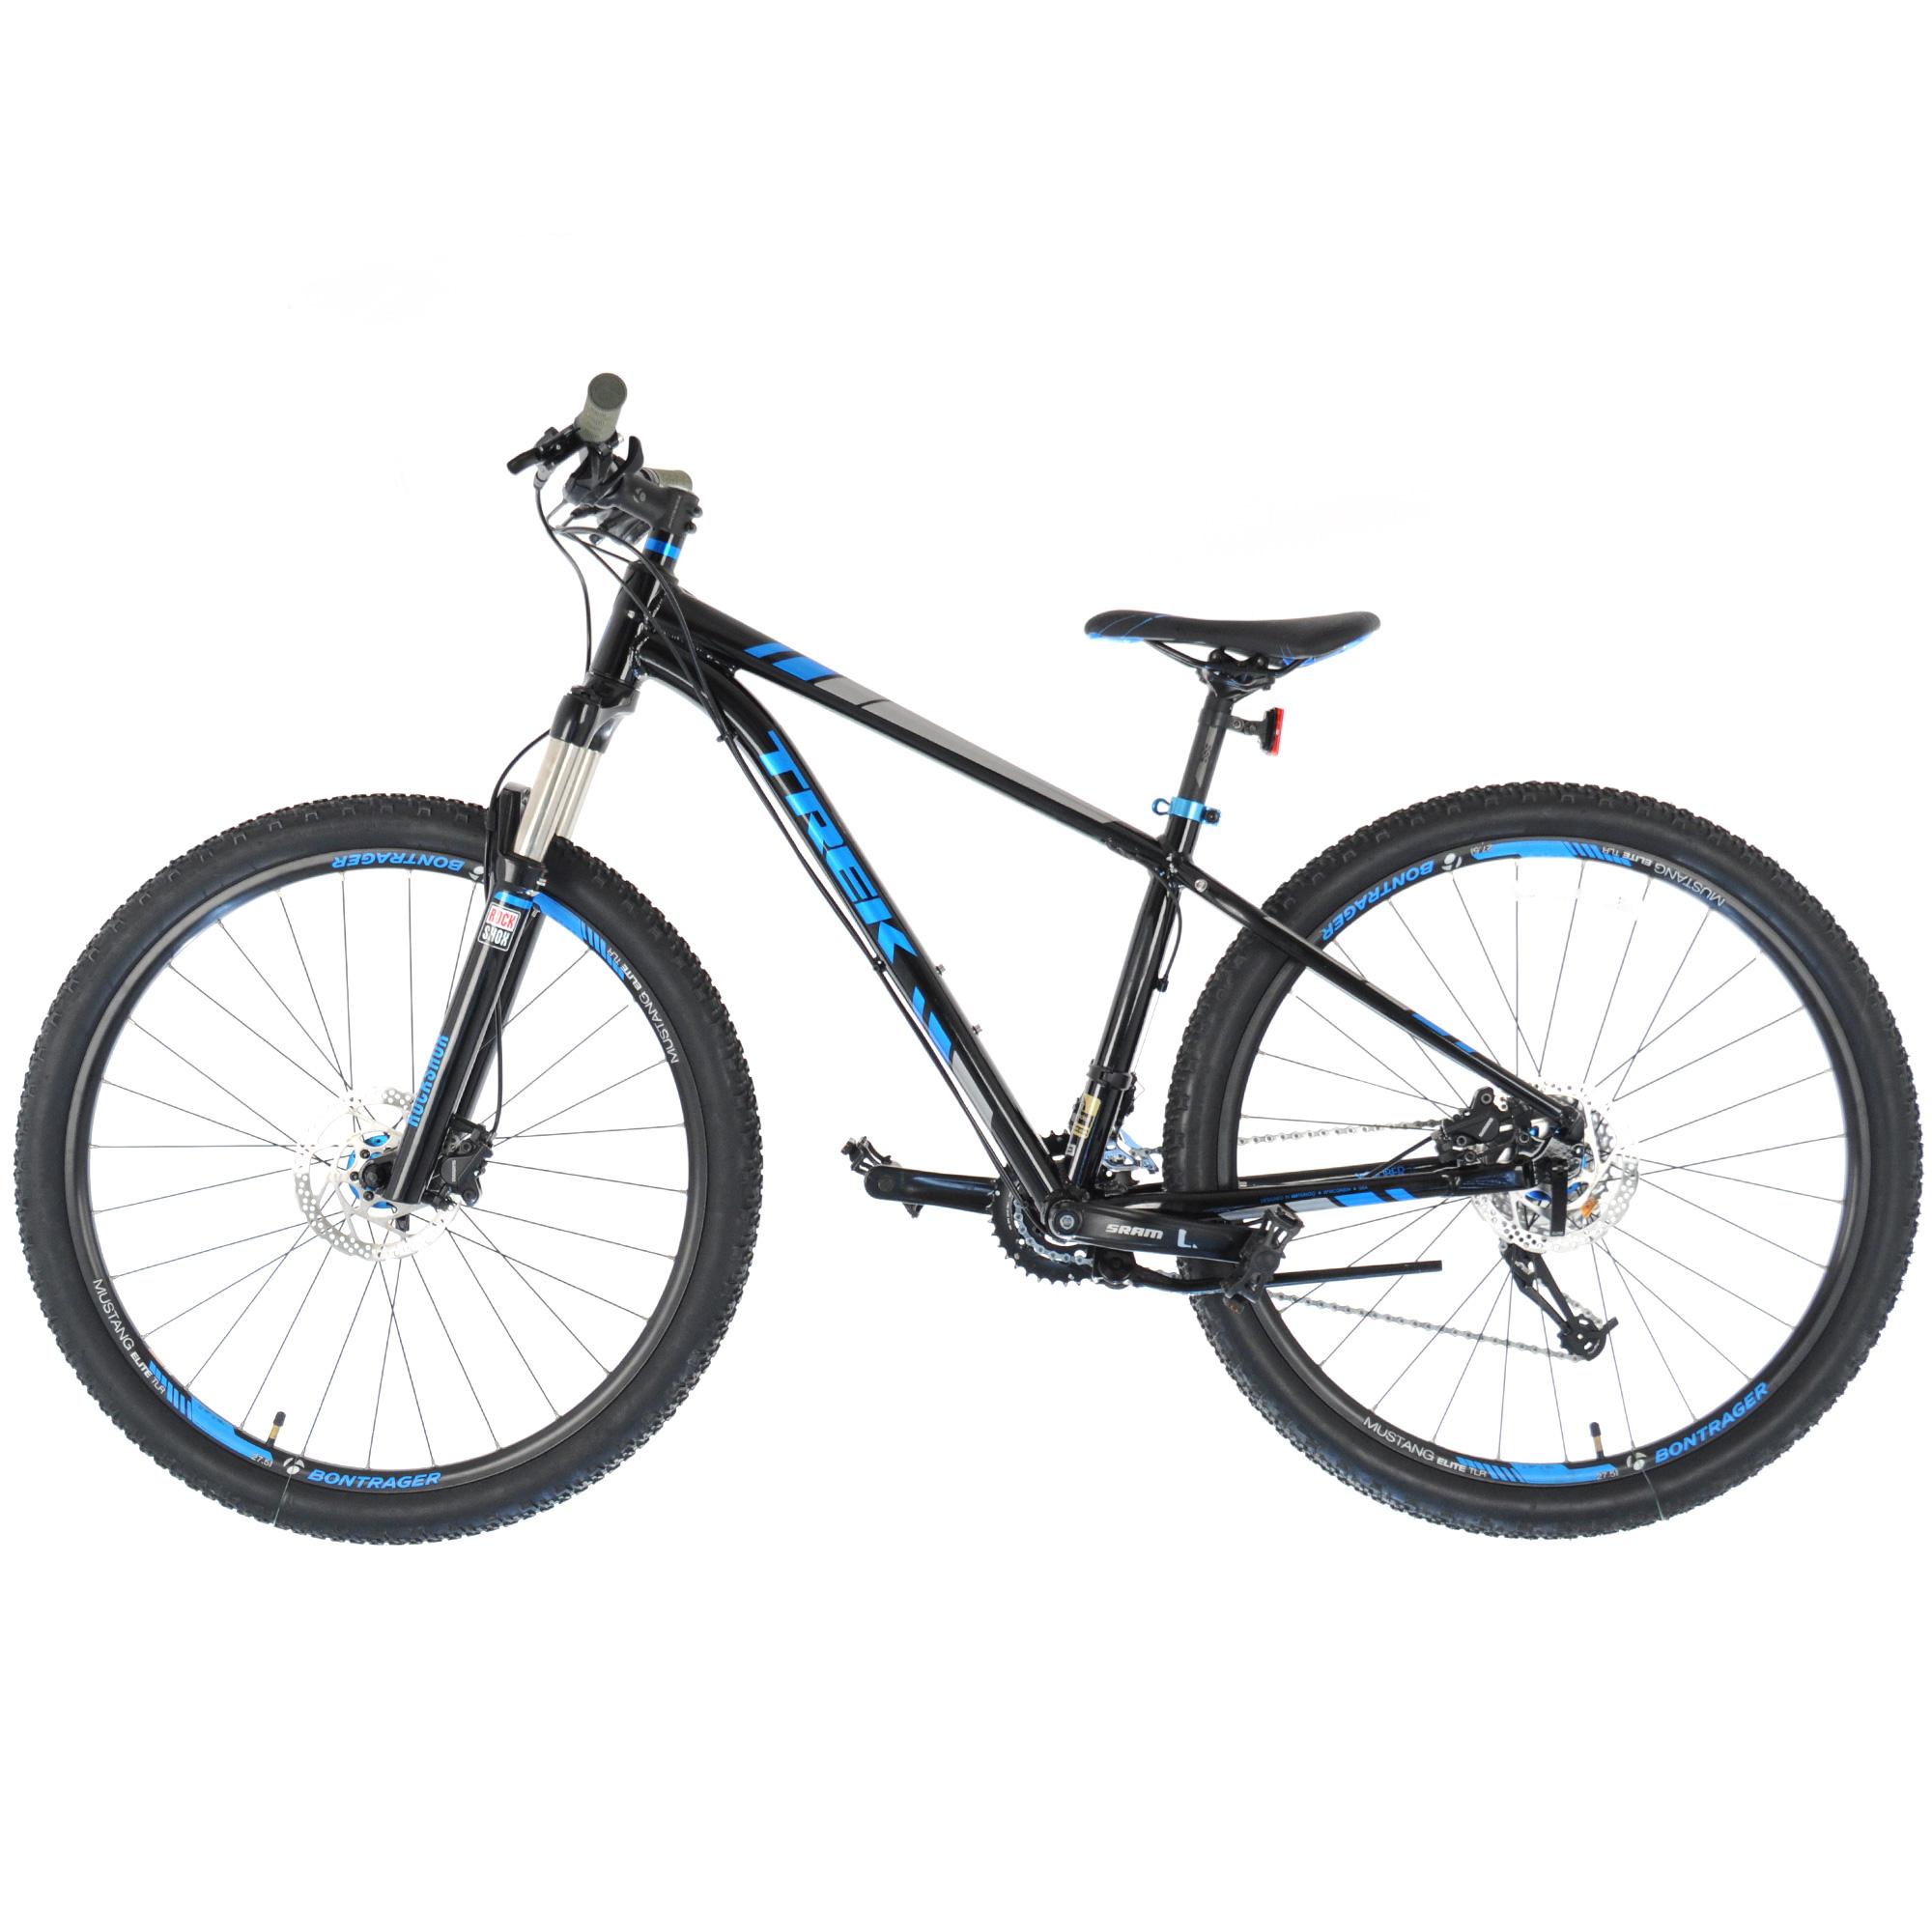 2015 TREK X-CALIBER 8 27.5 650b MTB Mountain Bike RockShox